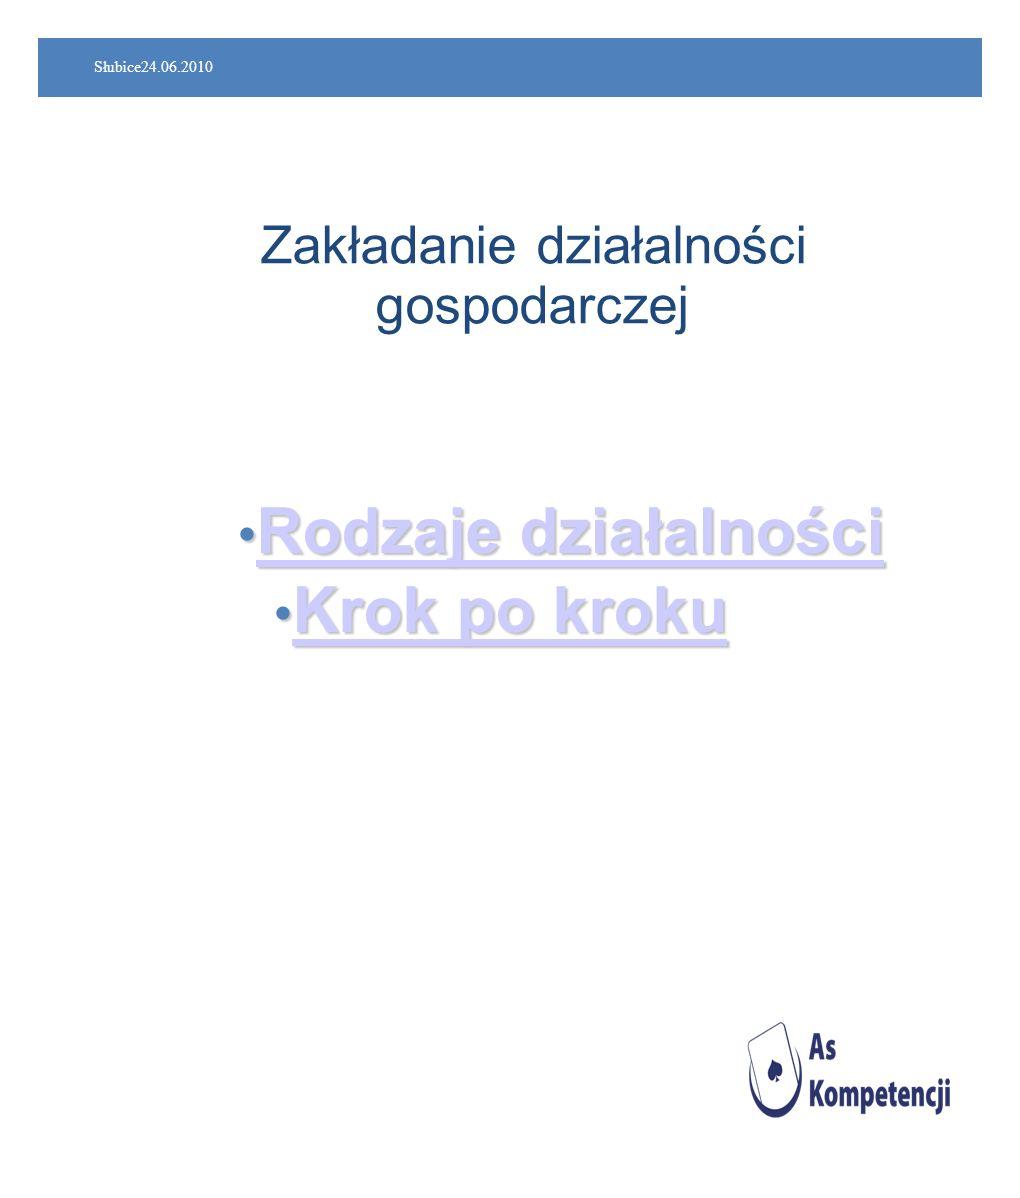 Słubice24.06.2010 Zakładanie działalności gospodarczej Rodzaje działalności Rodzaje działalności Rodzaje działalności Rodzaje działalności Krok po kro